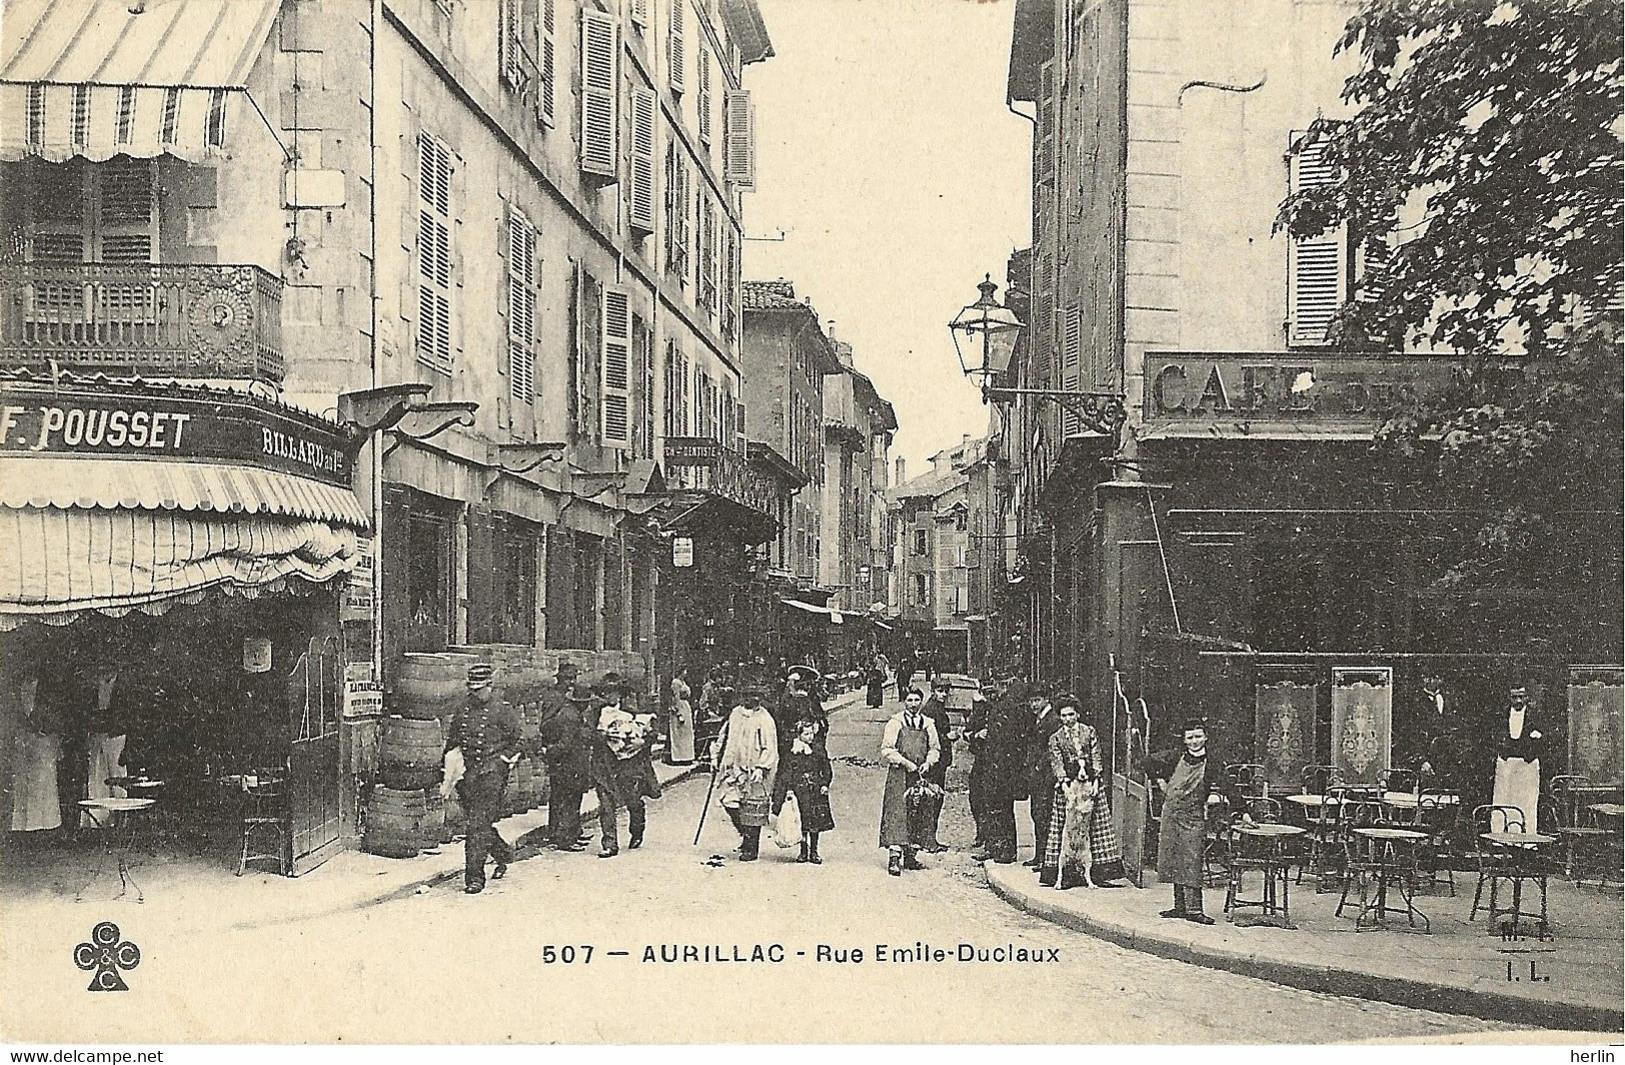 15 - AURILLAC - Rue Emile-Duclaux - Café-billard F. Pousset - Aurillac